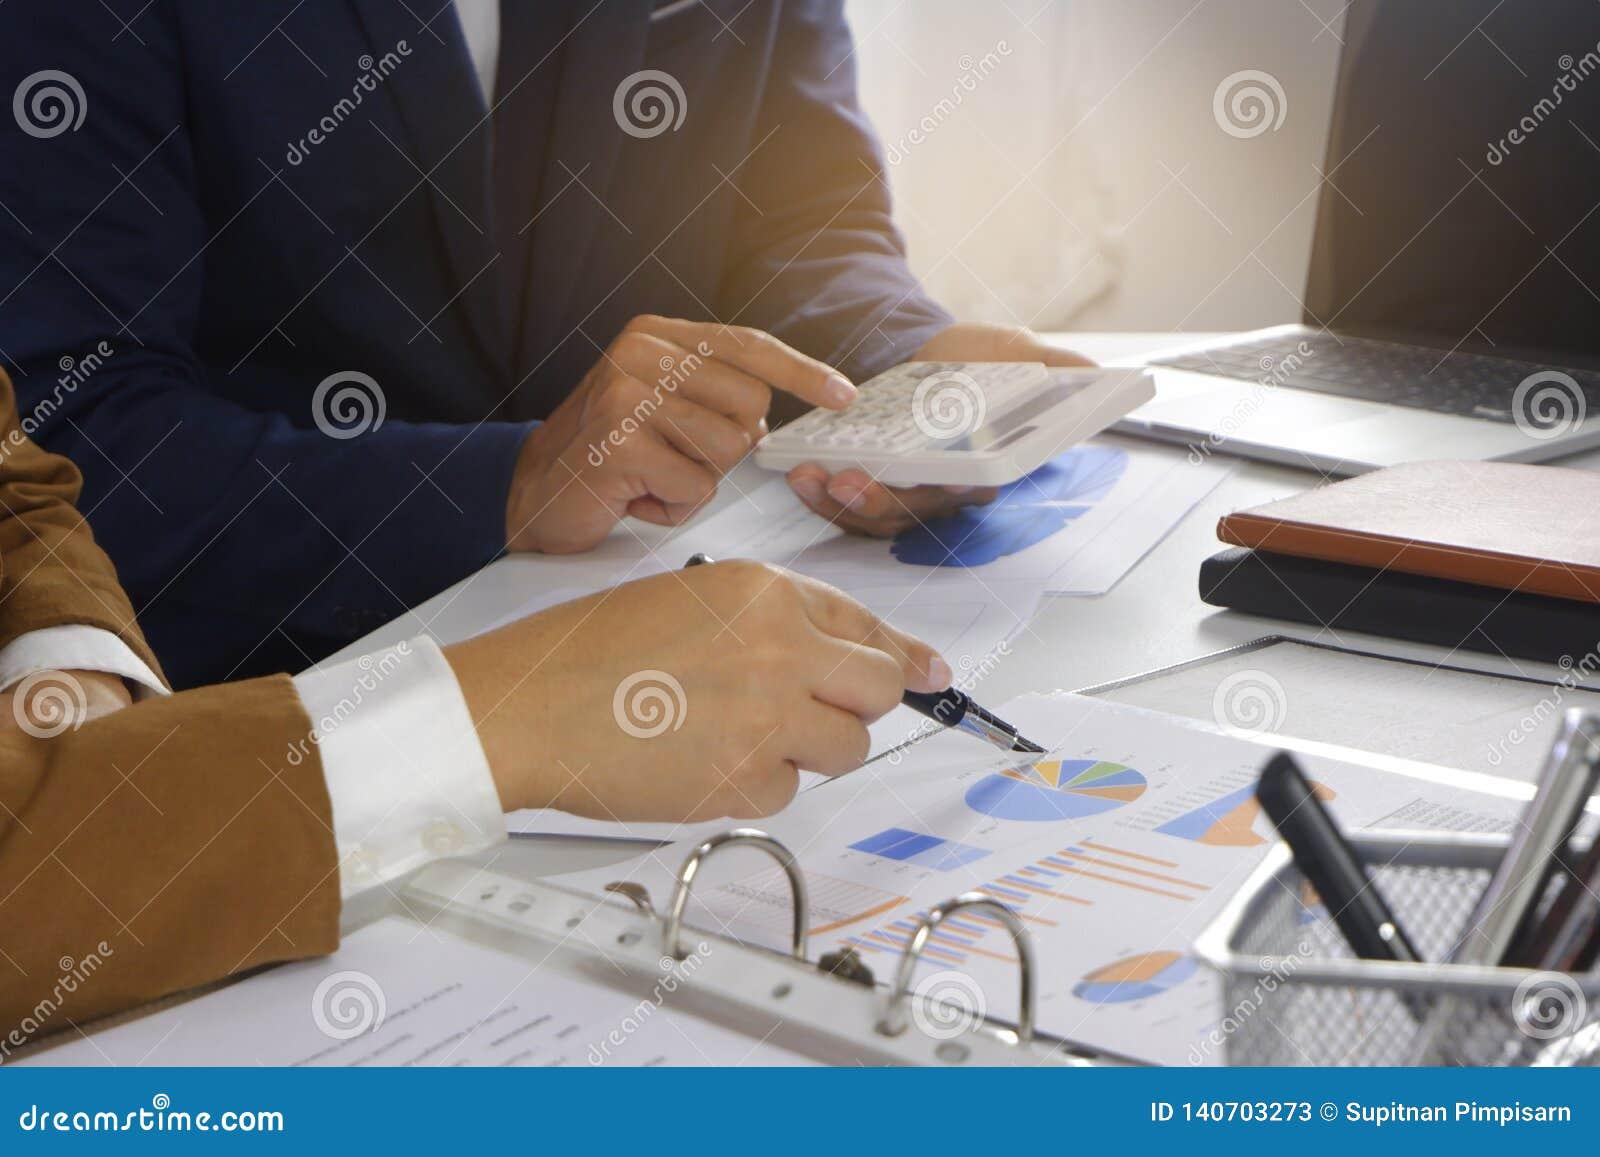 Wirtschaftler, die Entwurfsidee, professionellen Anleger oben arbeitet im Büro für Anfangsneues Projekt treffen